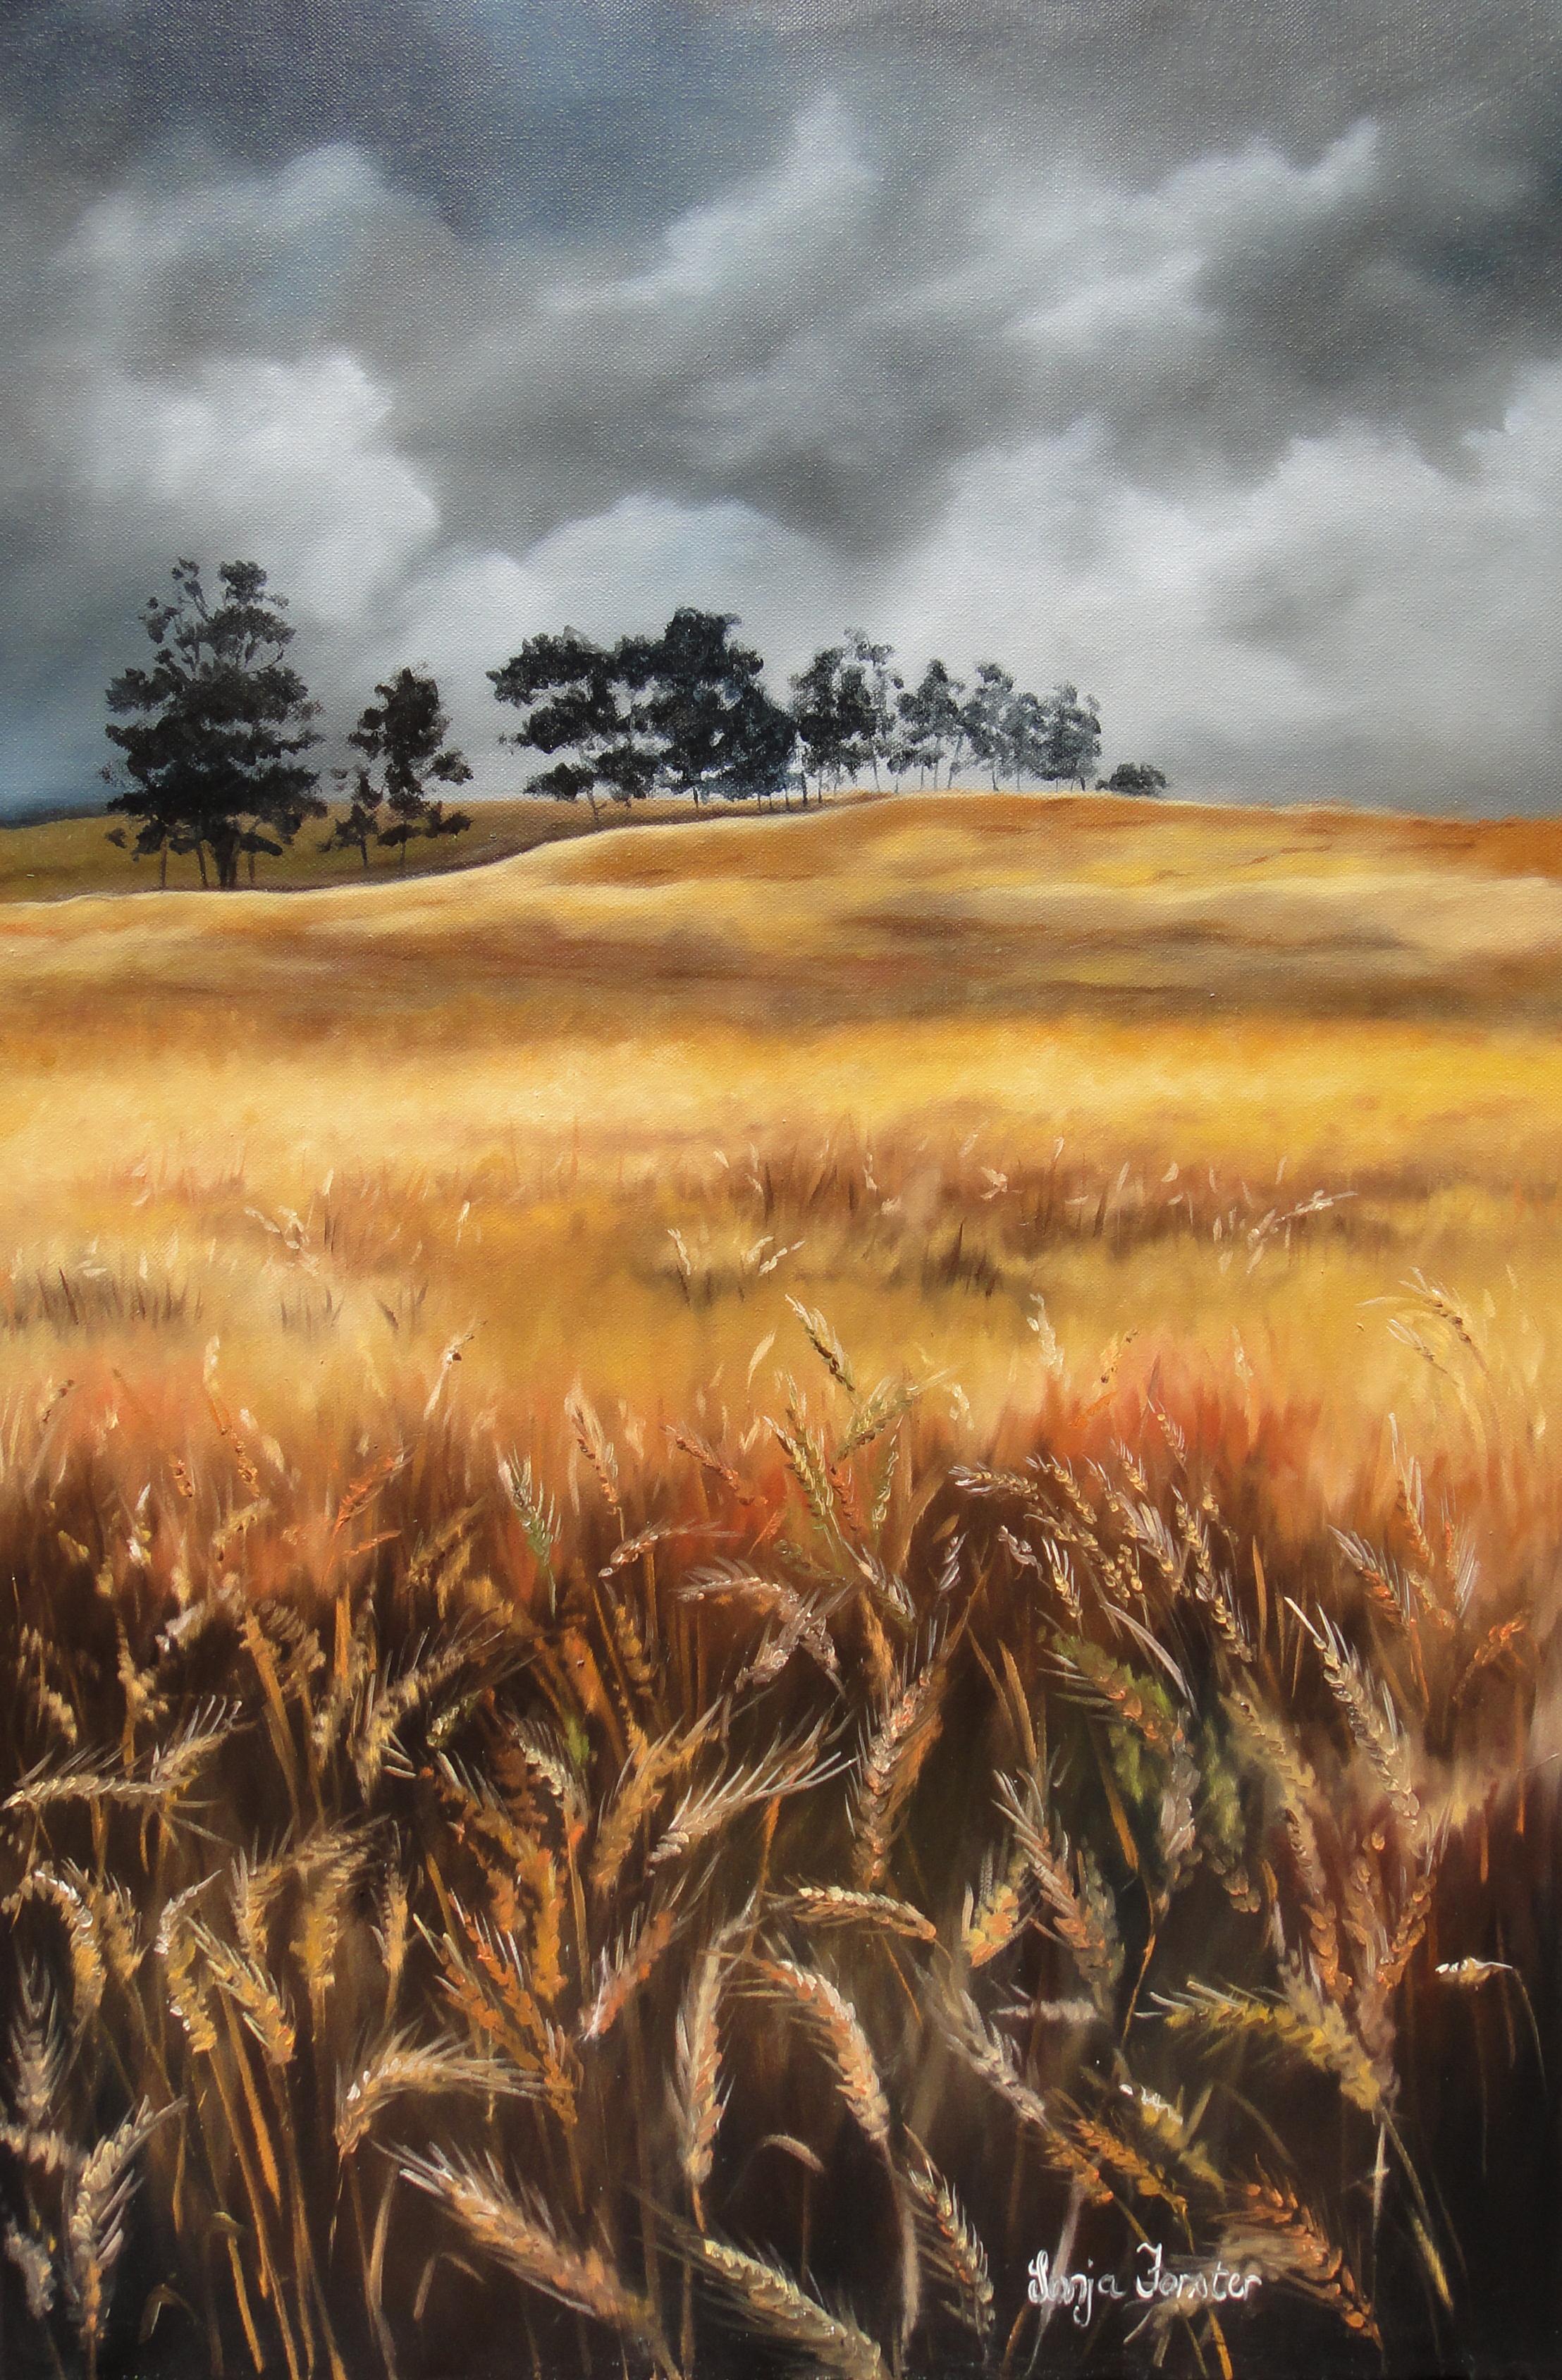 Sonja Forster Art - Storm oor koring veld.jpg